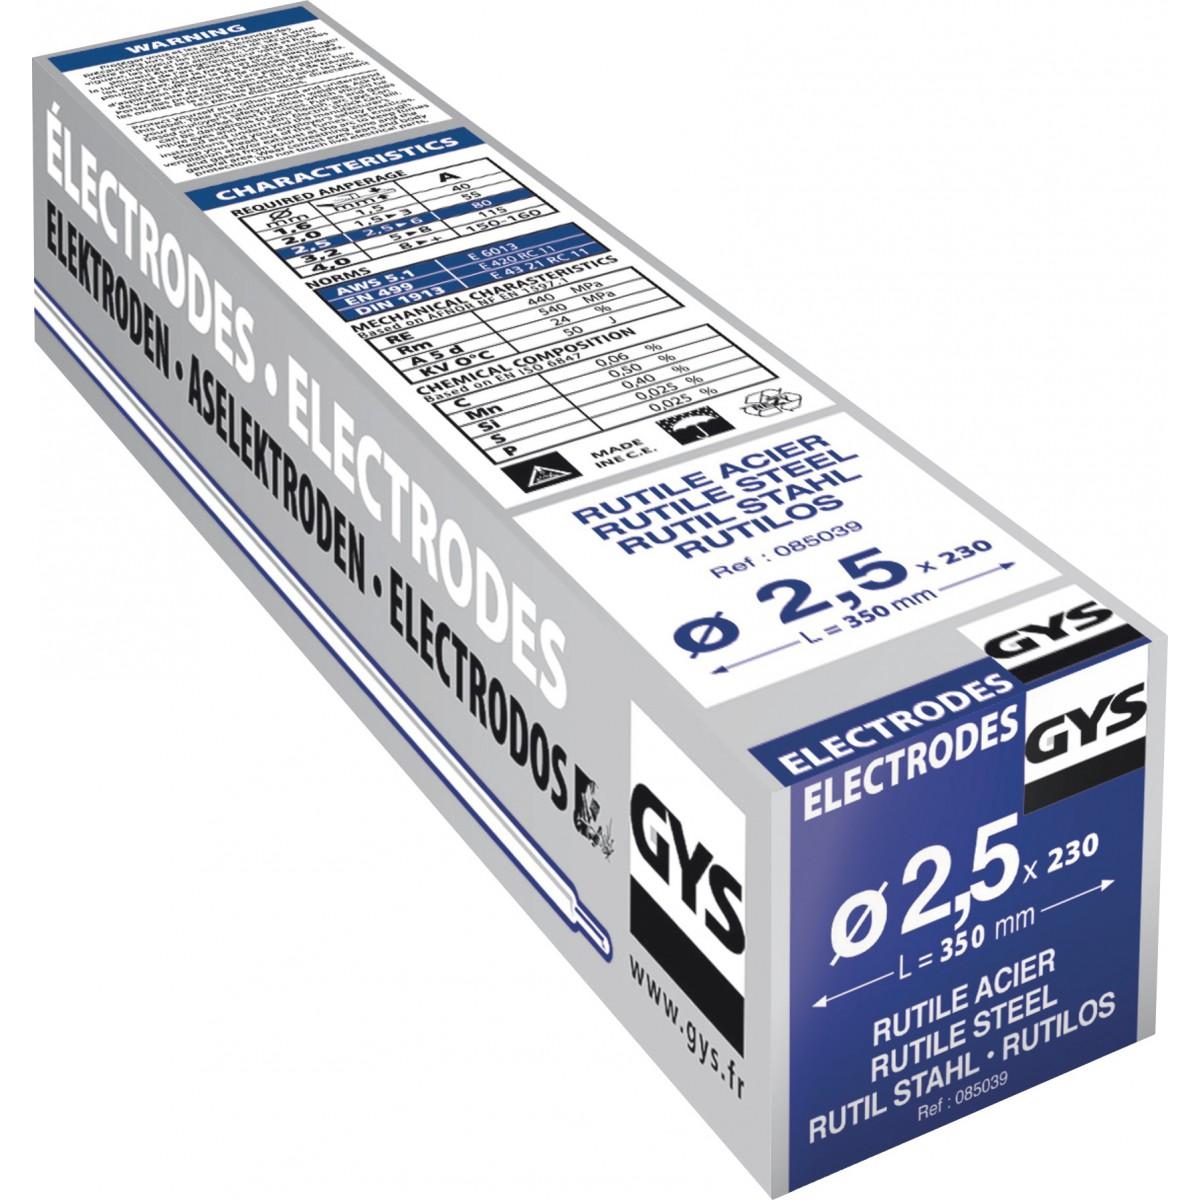 Electrode traditionnelle acier rutile Gys - Diamètre 2,5 mm - Vendu par 230